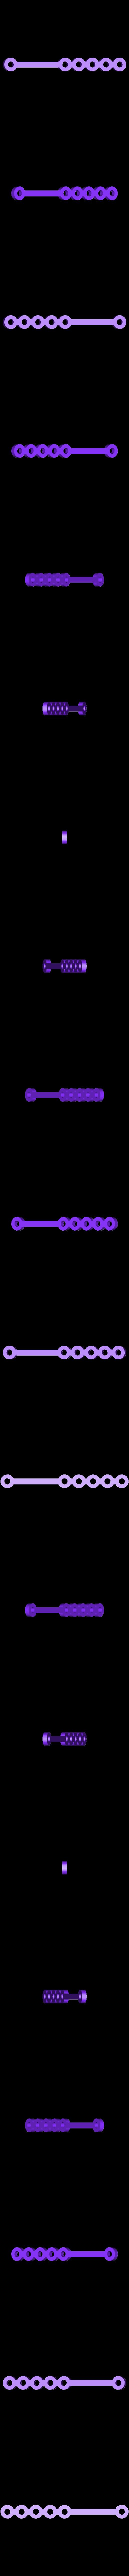 leg_arm_2m.stl Télécharger fichier STL gratuit Kozjavcka ( Козявка ) • Modèle pour impression 3D, SiberK